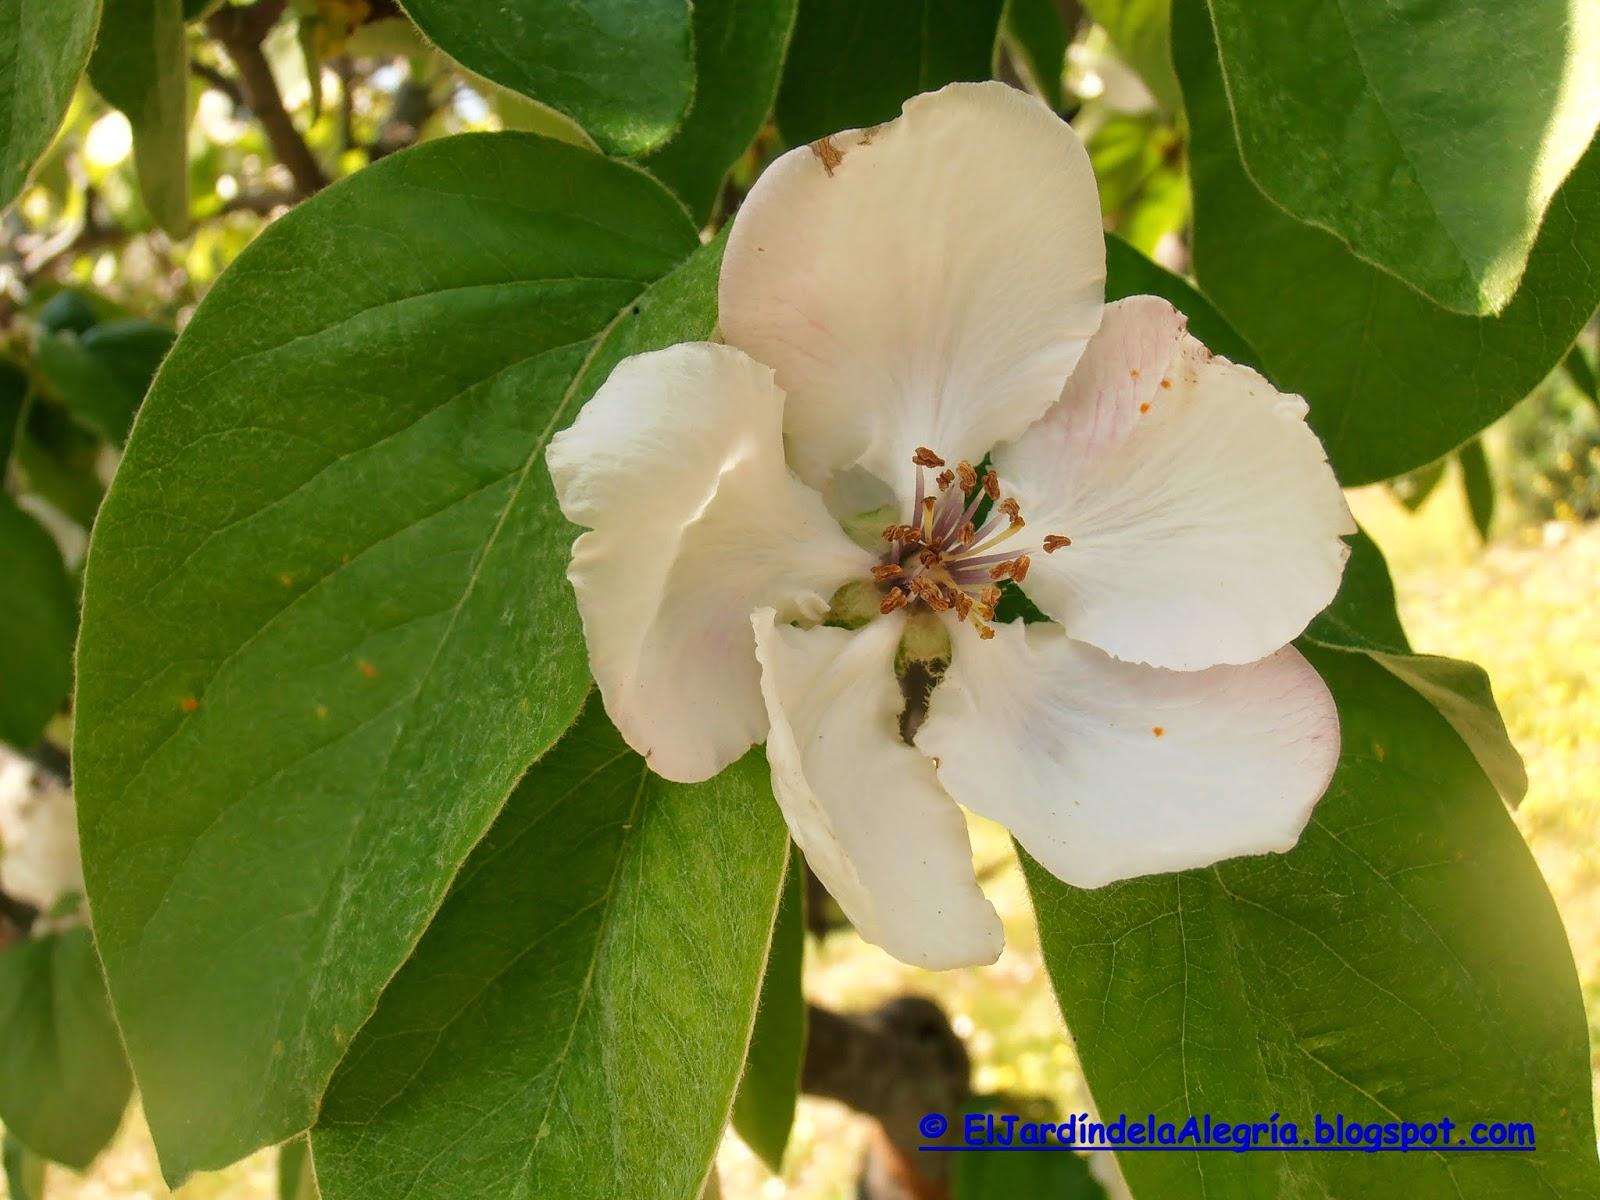 El jard n de la alegr a el frutal de floraci n m s for El jardin de la alegria cordoba